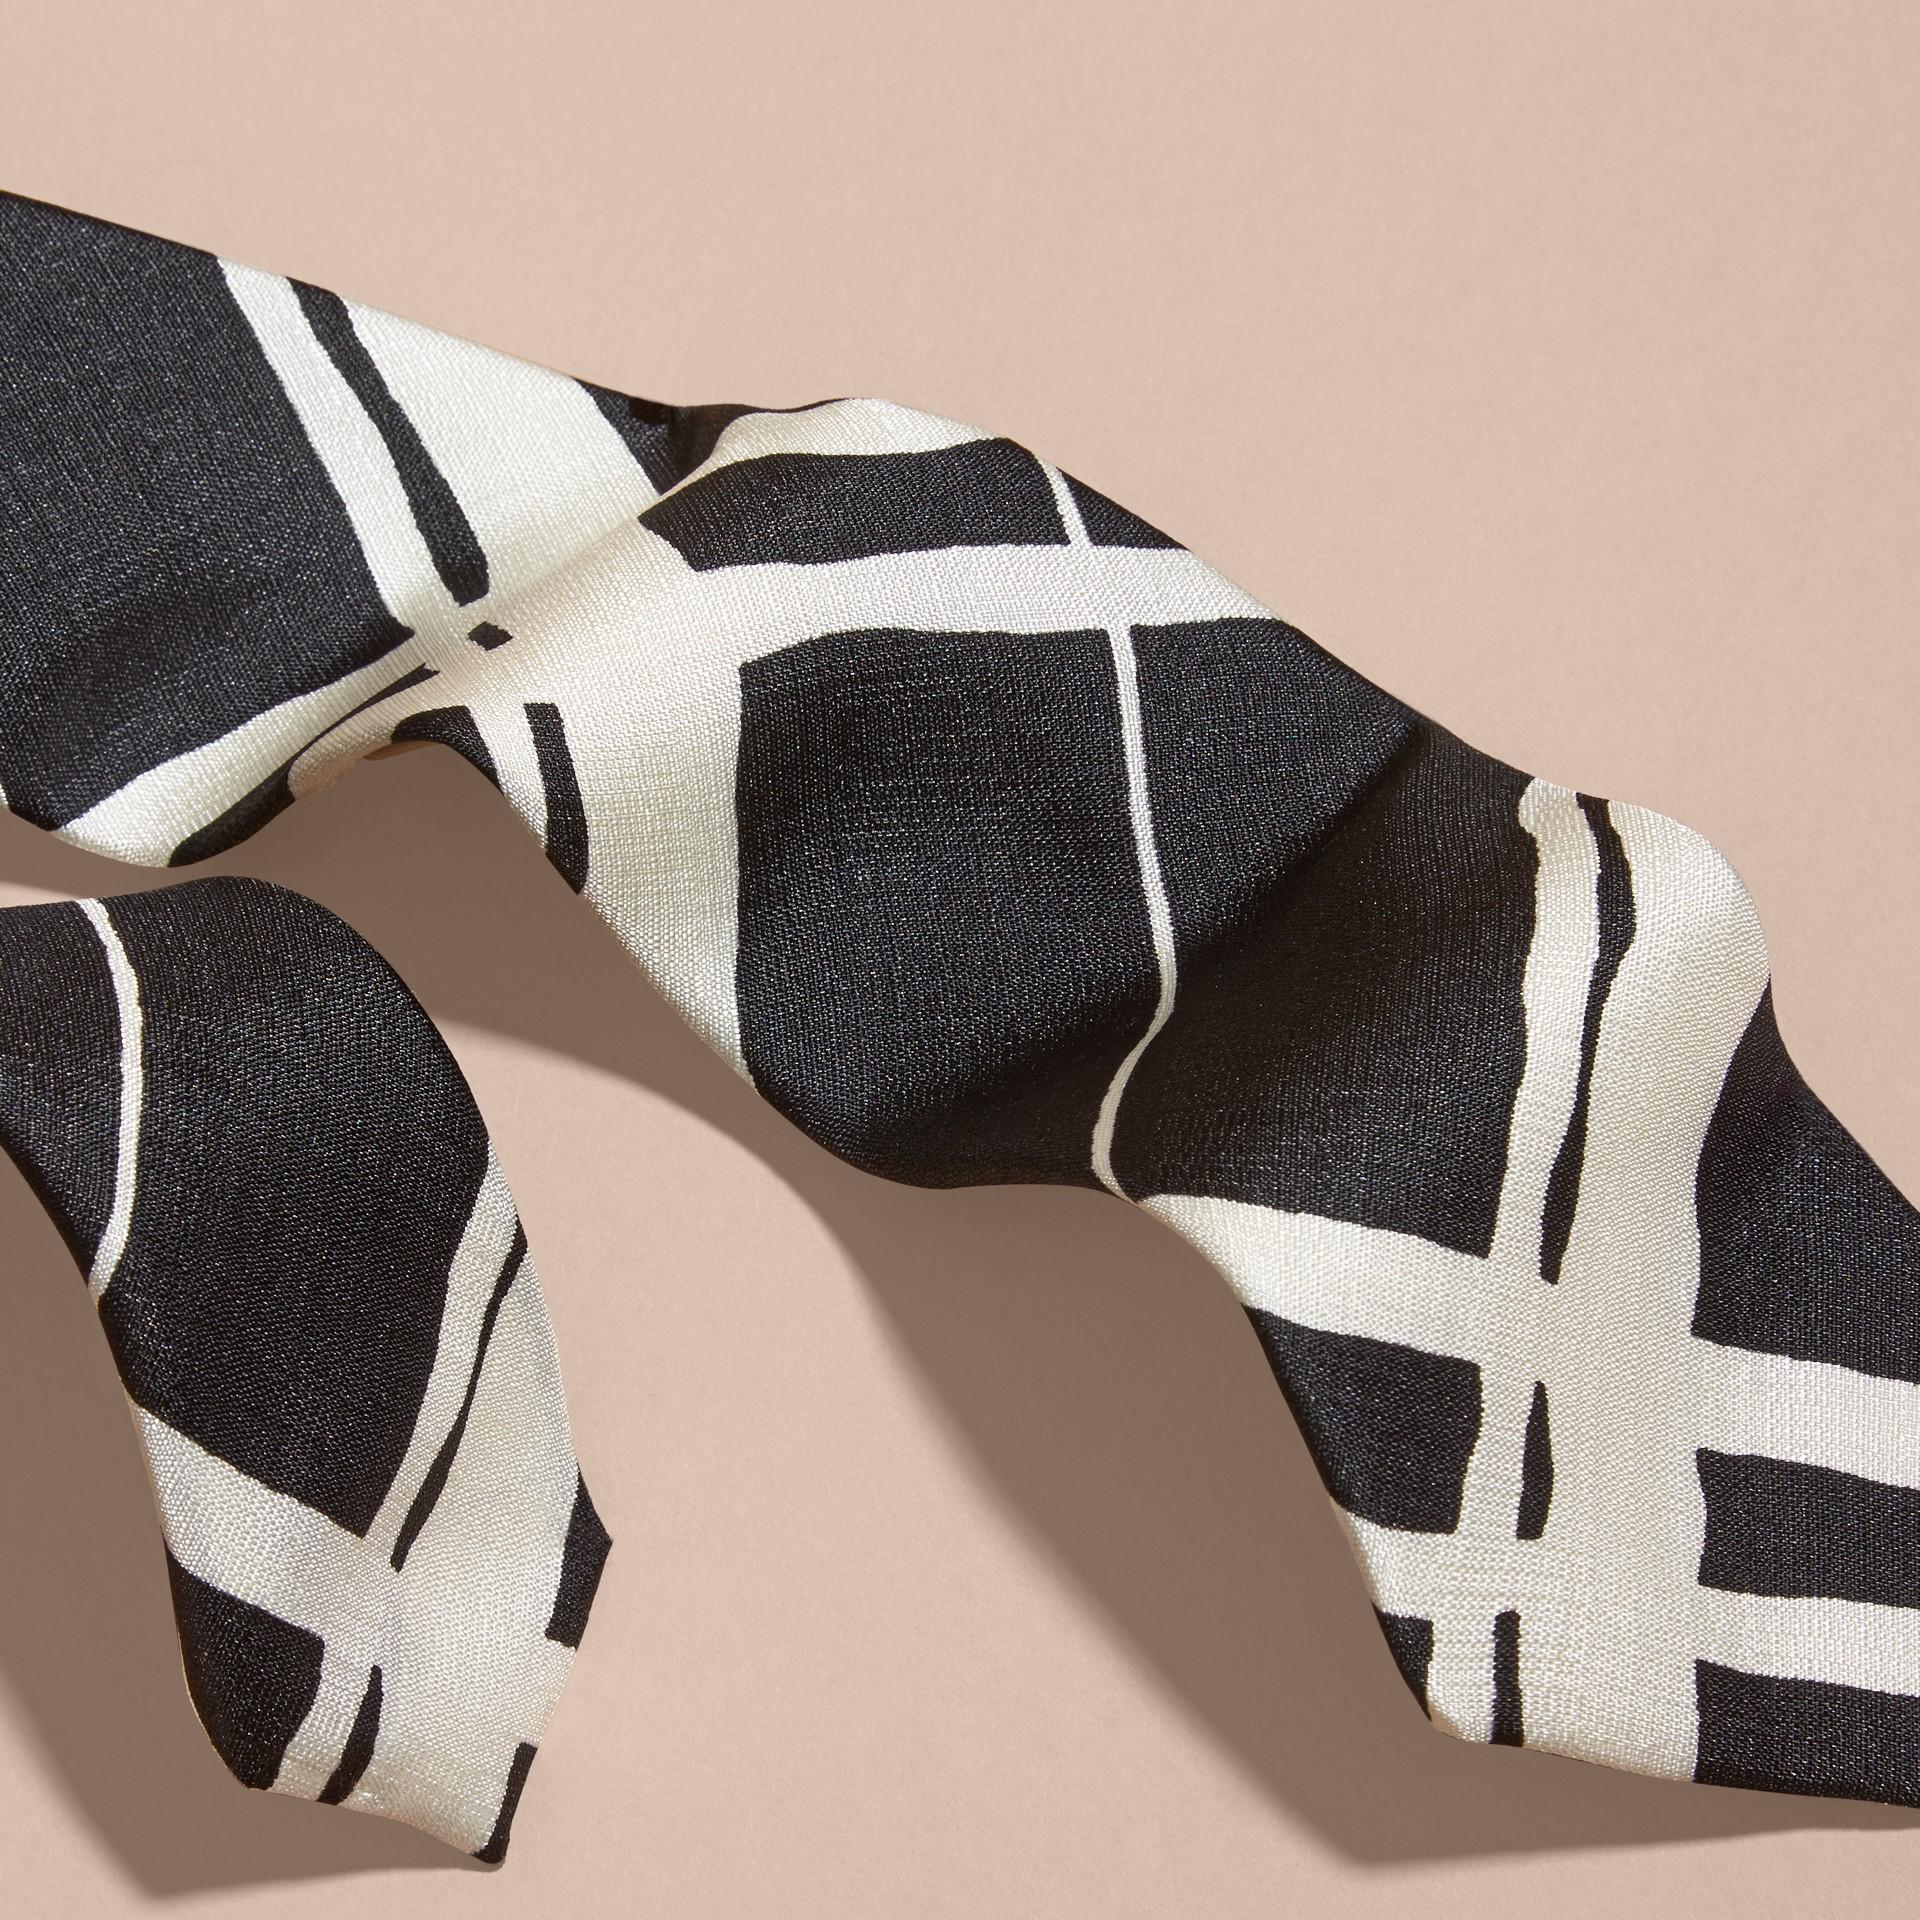 窄版剪裁彩繪風格紋印花絲質領帶 - 圖庫照片 2